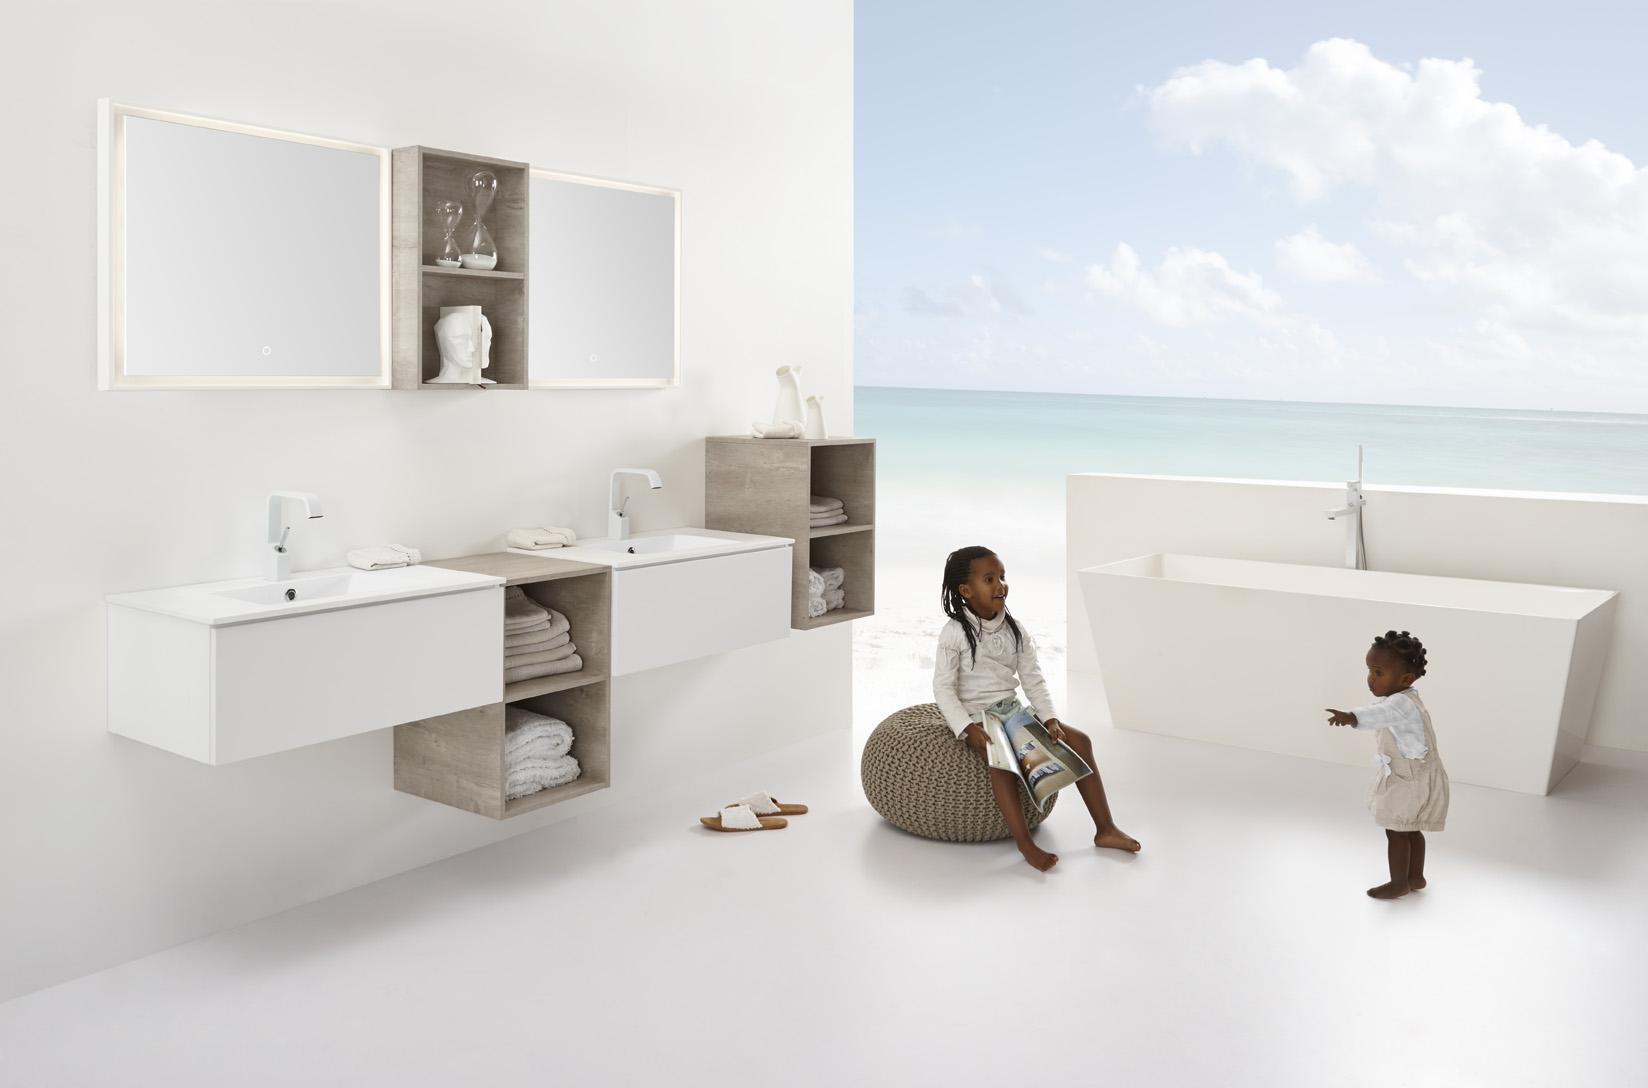 Stel zelf je badkamermeubel samen met badmeubel-serie No Limit van Detremmerie. Kies uit ruim 250 types onderbouwkasten, ruim 300 wastafelbladen, ruim 80 spiegels en ruim 110 spiegelkasten, ruim 100 kolomkasten en dit alles in 37 kleuren en met 7 verlichtingen naar keuze.